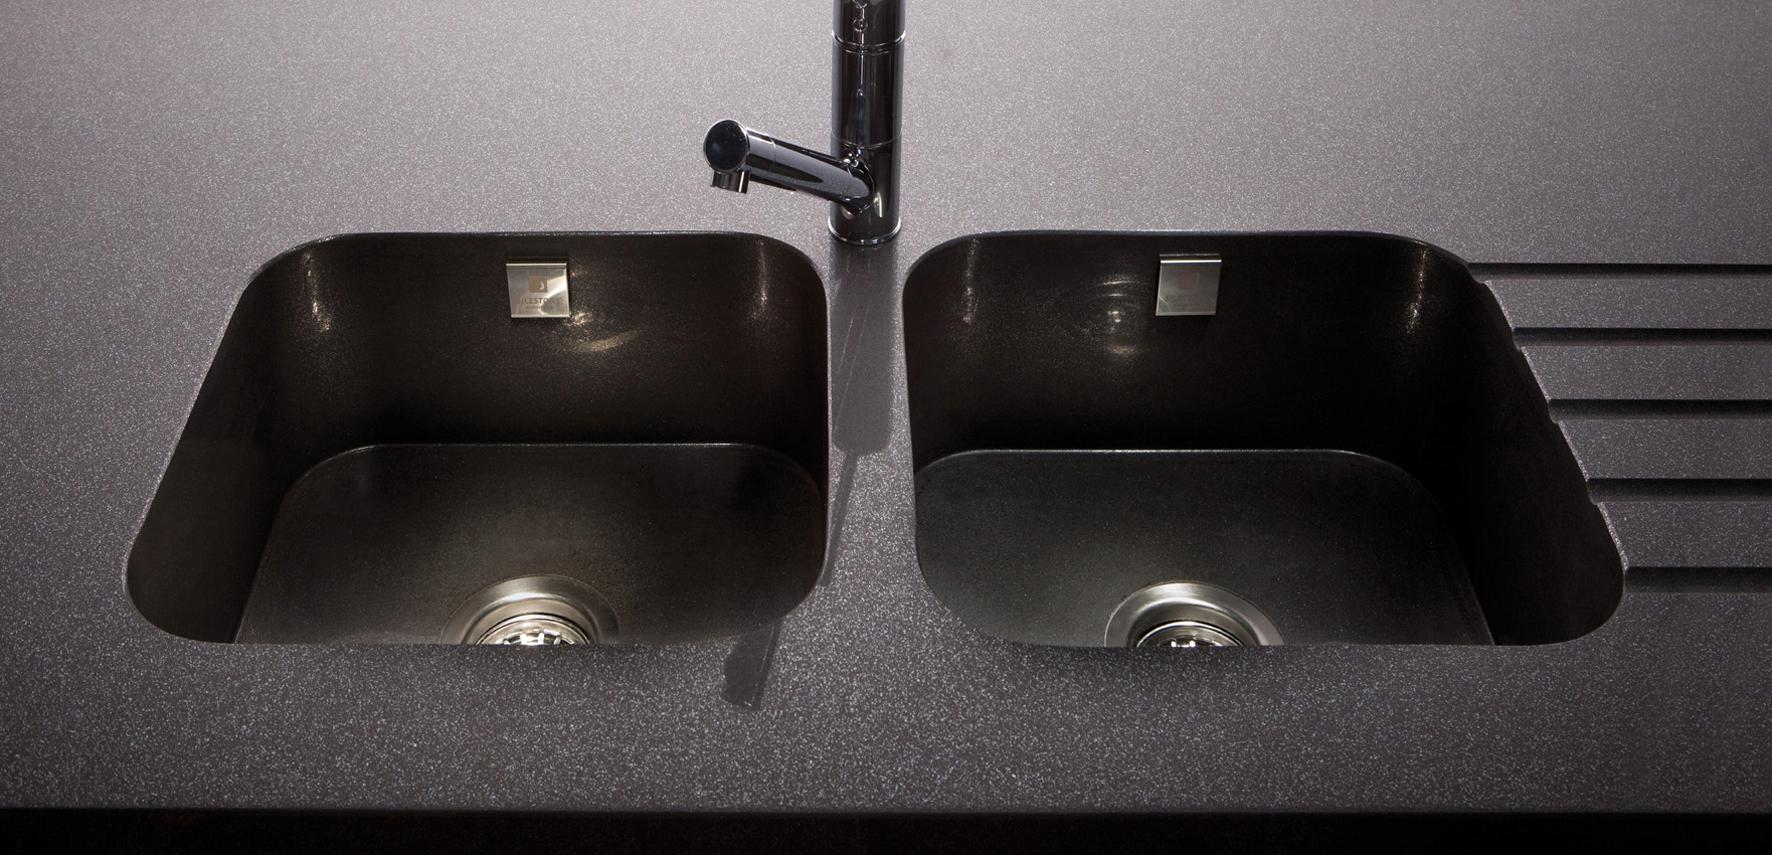 Plans de travail pour cuisine et salle de bains silgranit33 - Evier integre plan de travail ...